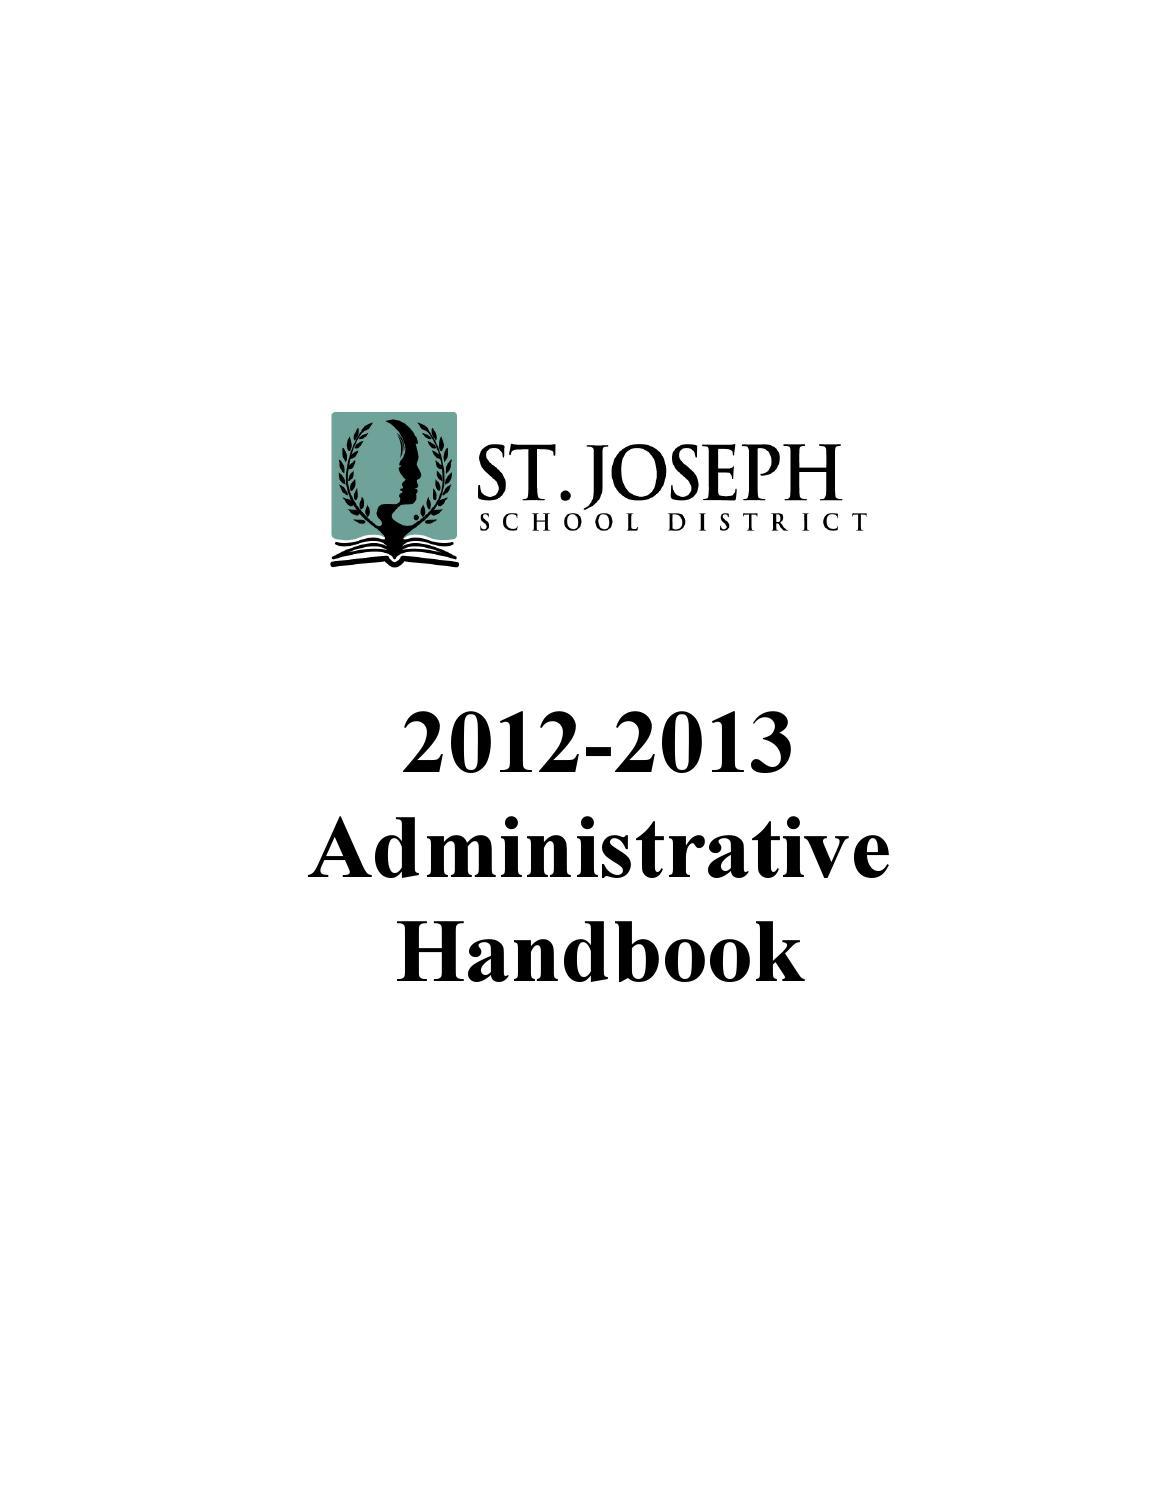 12 13 admin handbook 7 10 13 by Charisse Giseburt - issuu